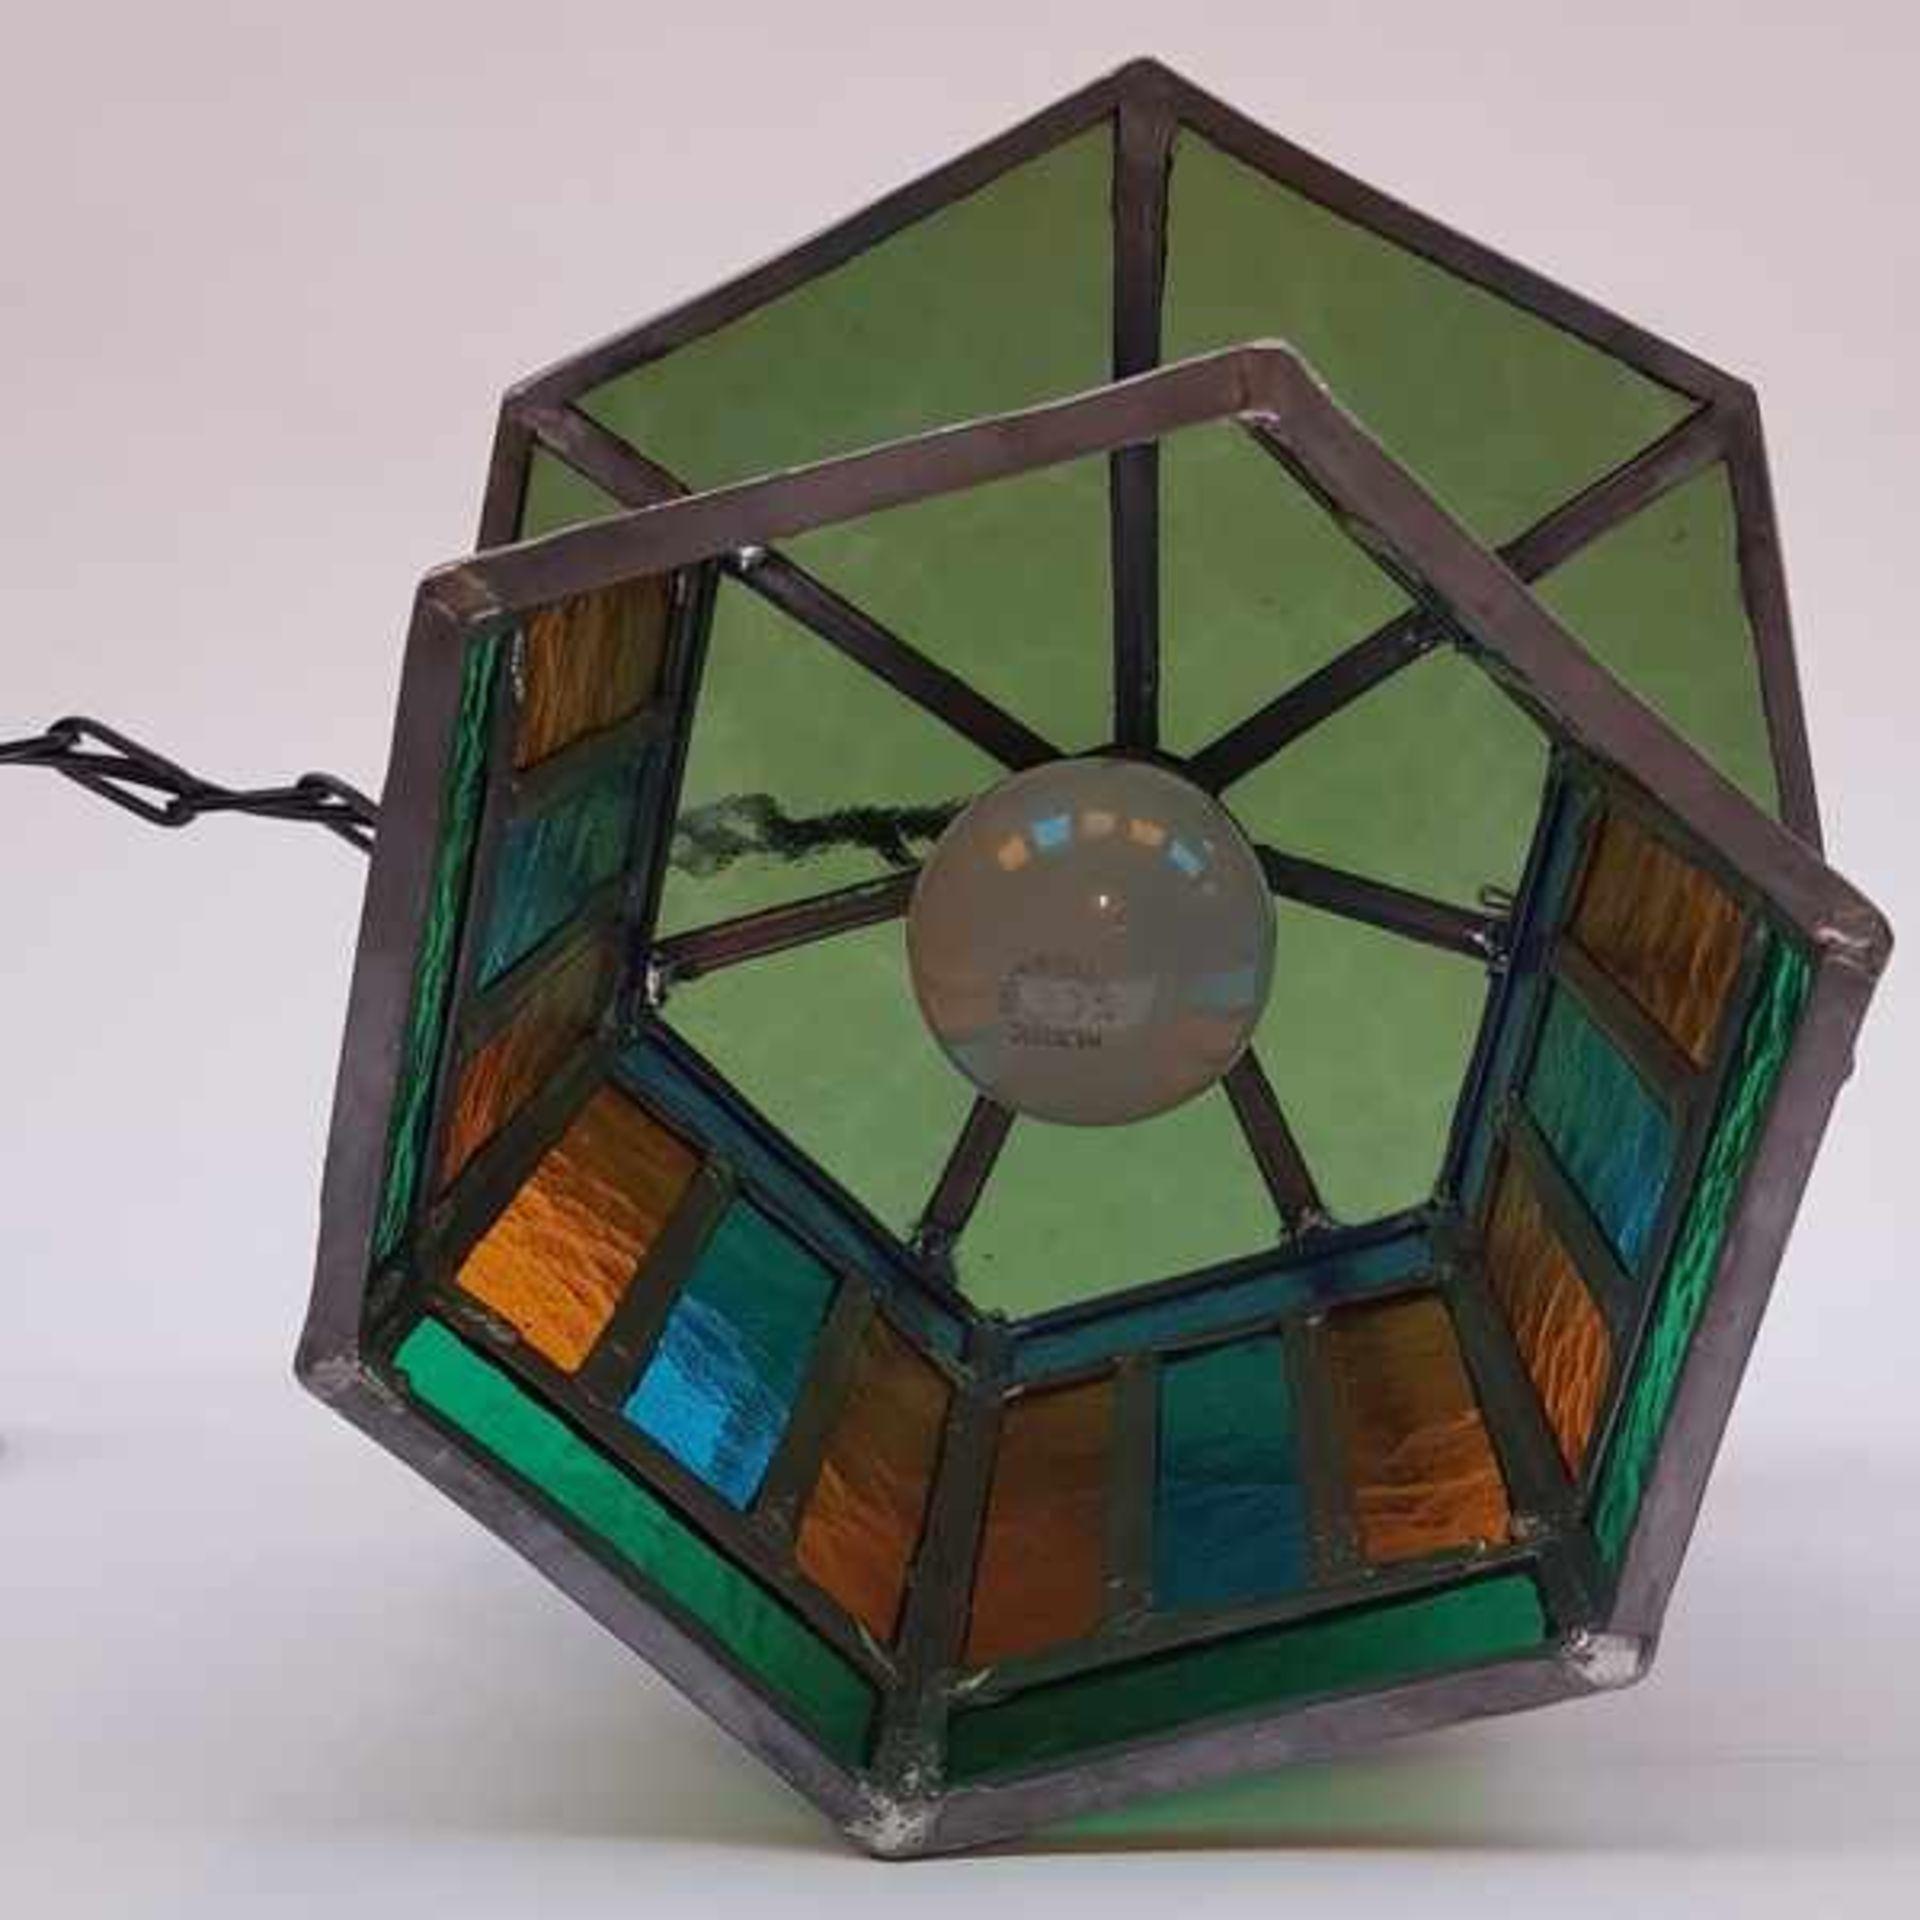 (Curiosa) Lamp glas in lood - Bild 6 aus 6